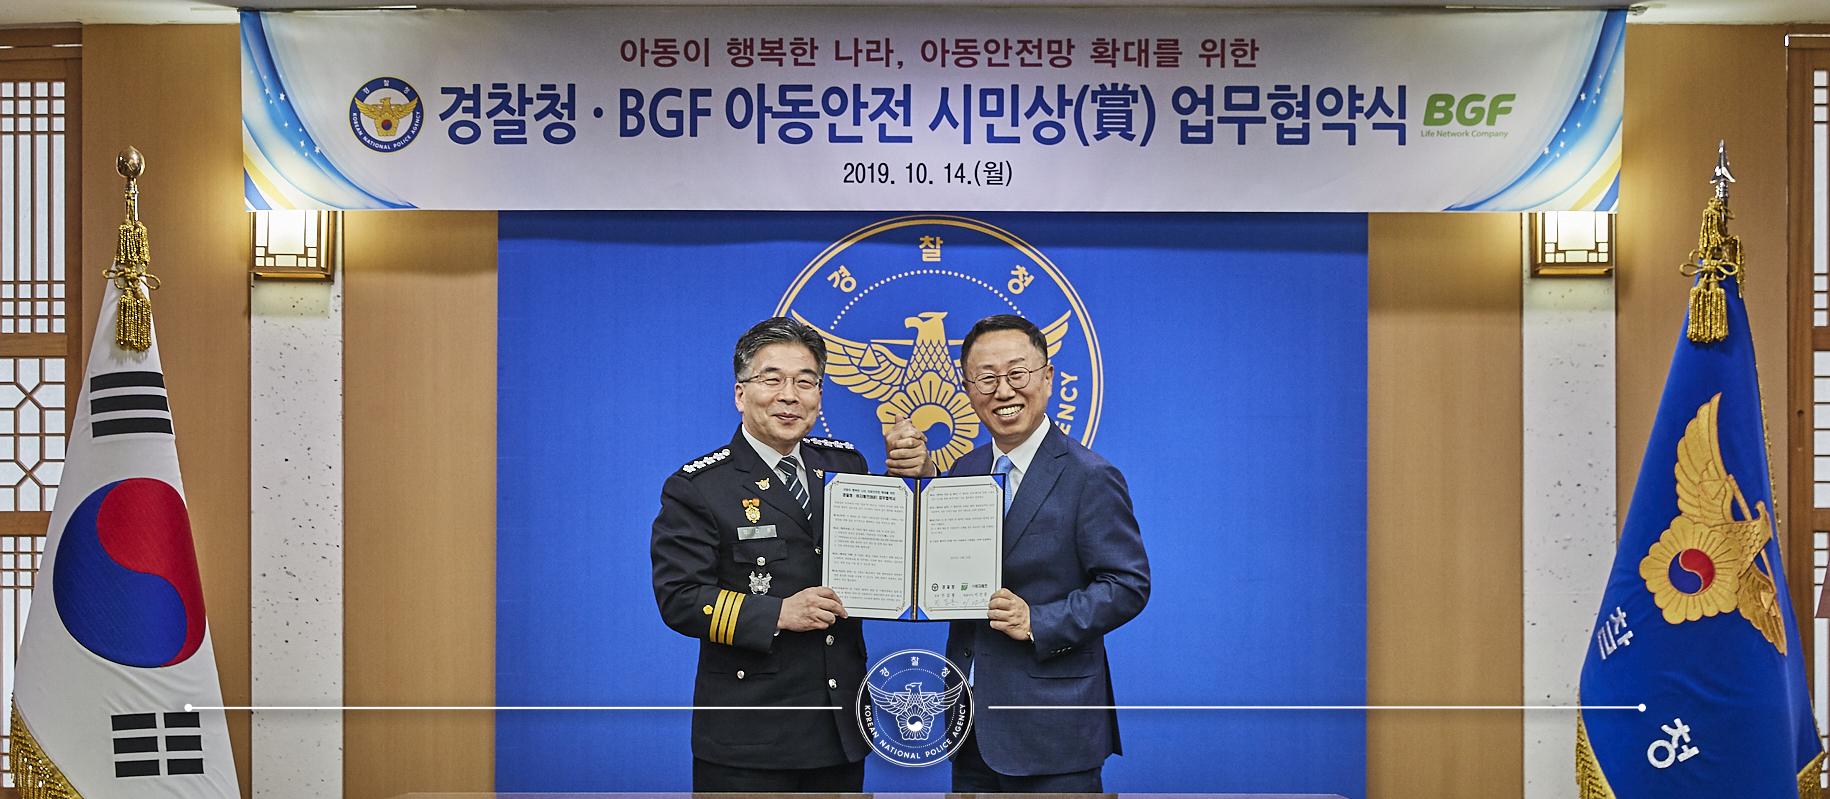 경찰청·BGF 간 아동안전 시민상 업무협약식 개최